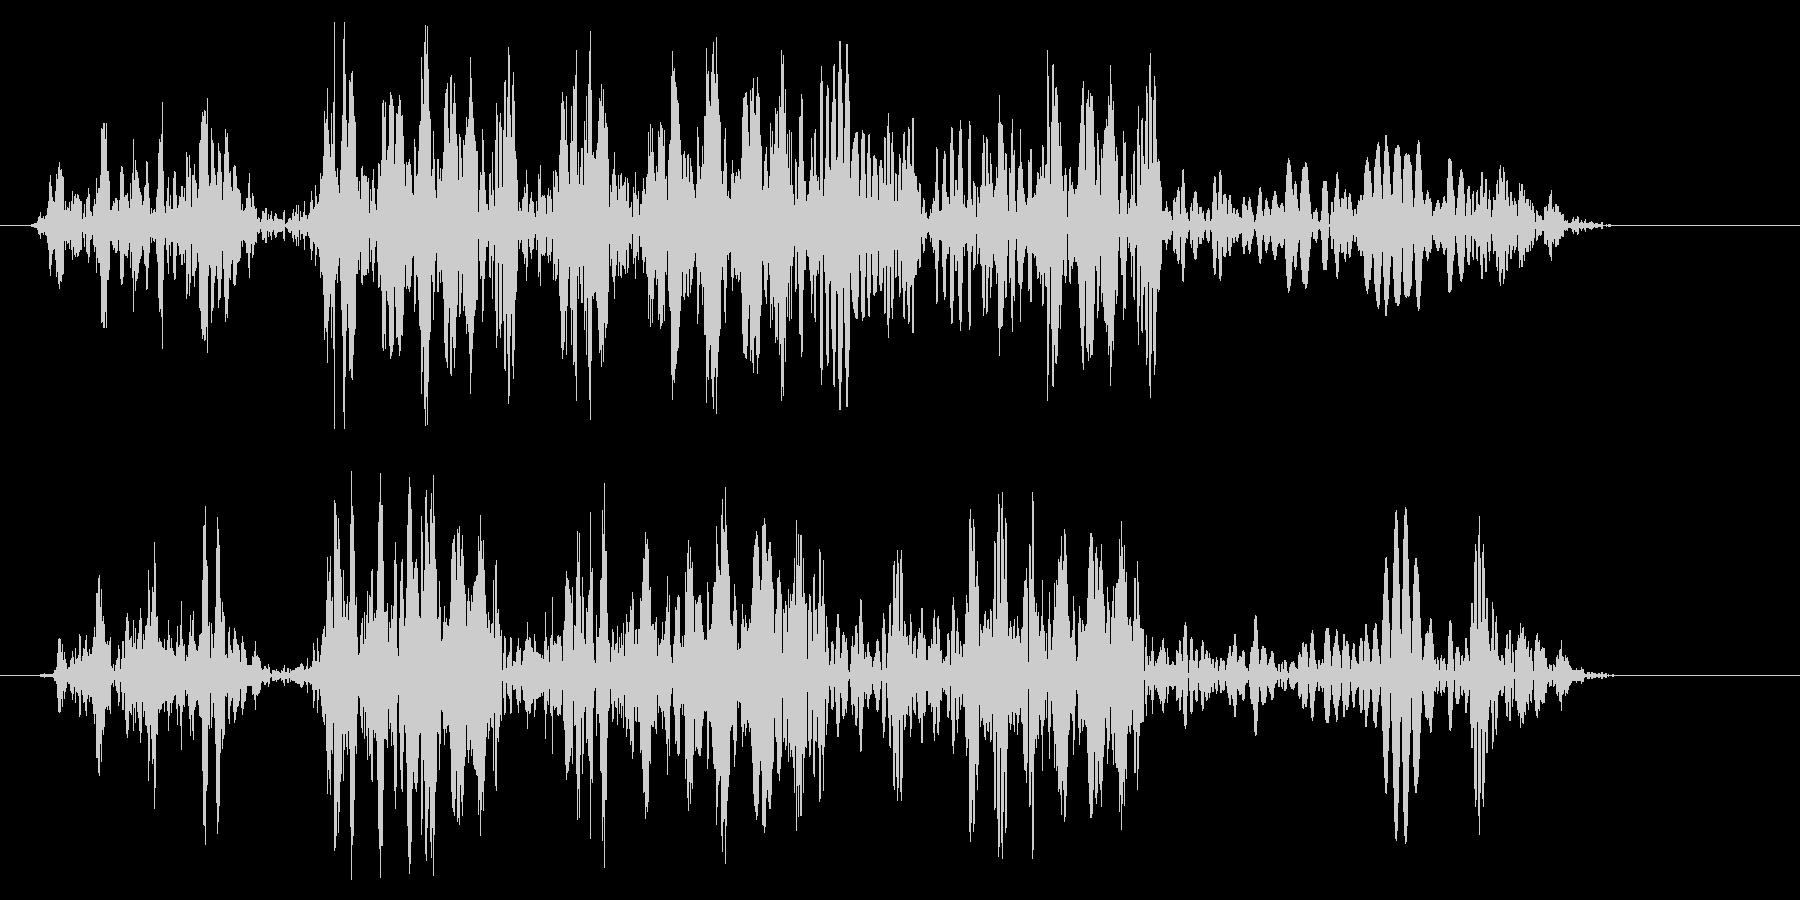 キュルキュル(ロープが巻き取られる音)の未再生の波形